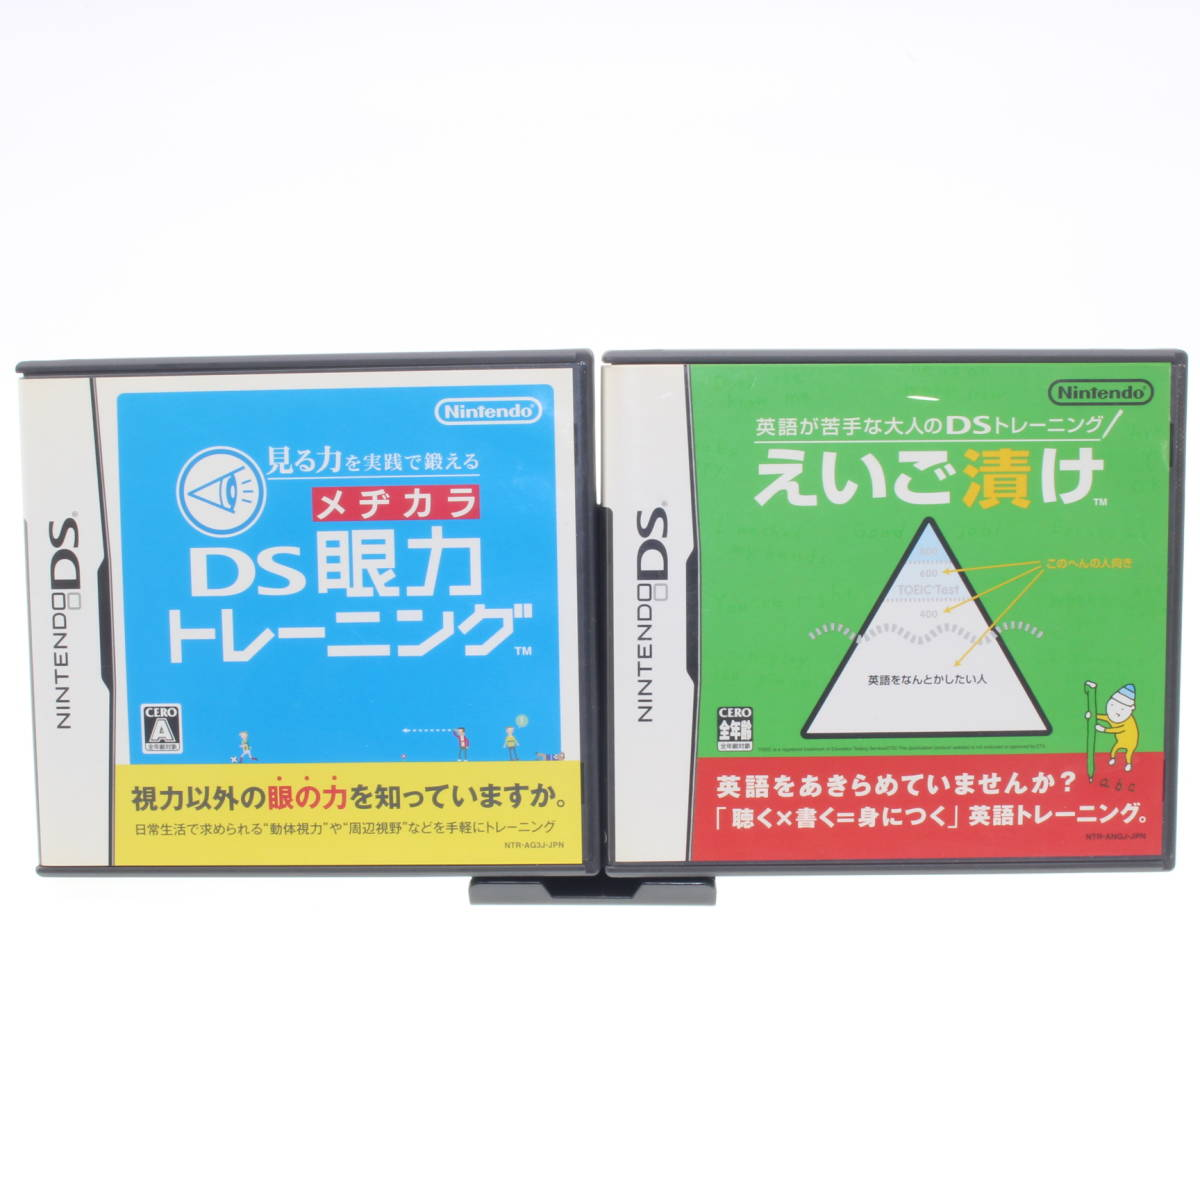 【送料無料】ニンテンドー DS ソフト えいご漬け DS眼力トレーニング 2枚セット 動作確認済 Nintendo DS 中古ソフト 任天堂